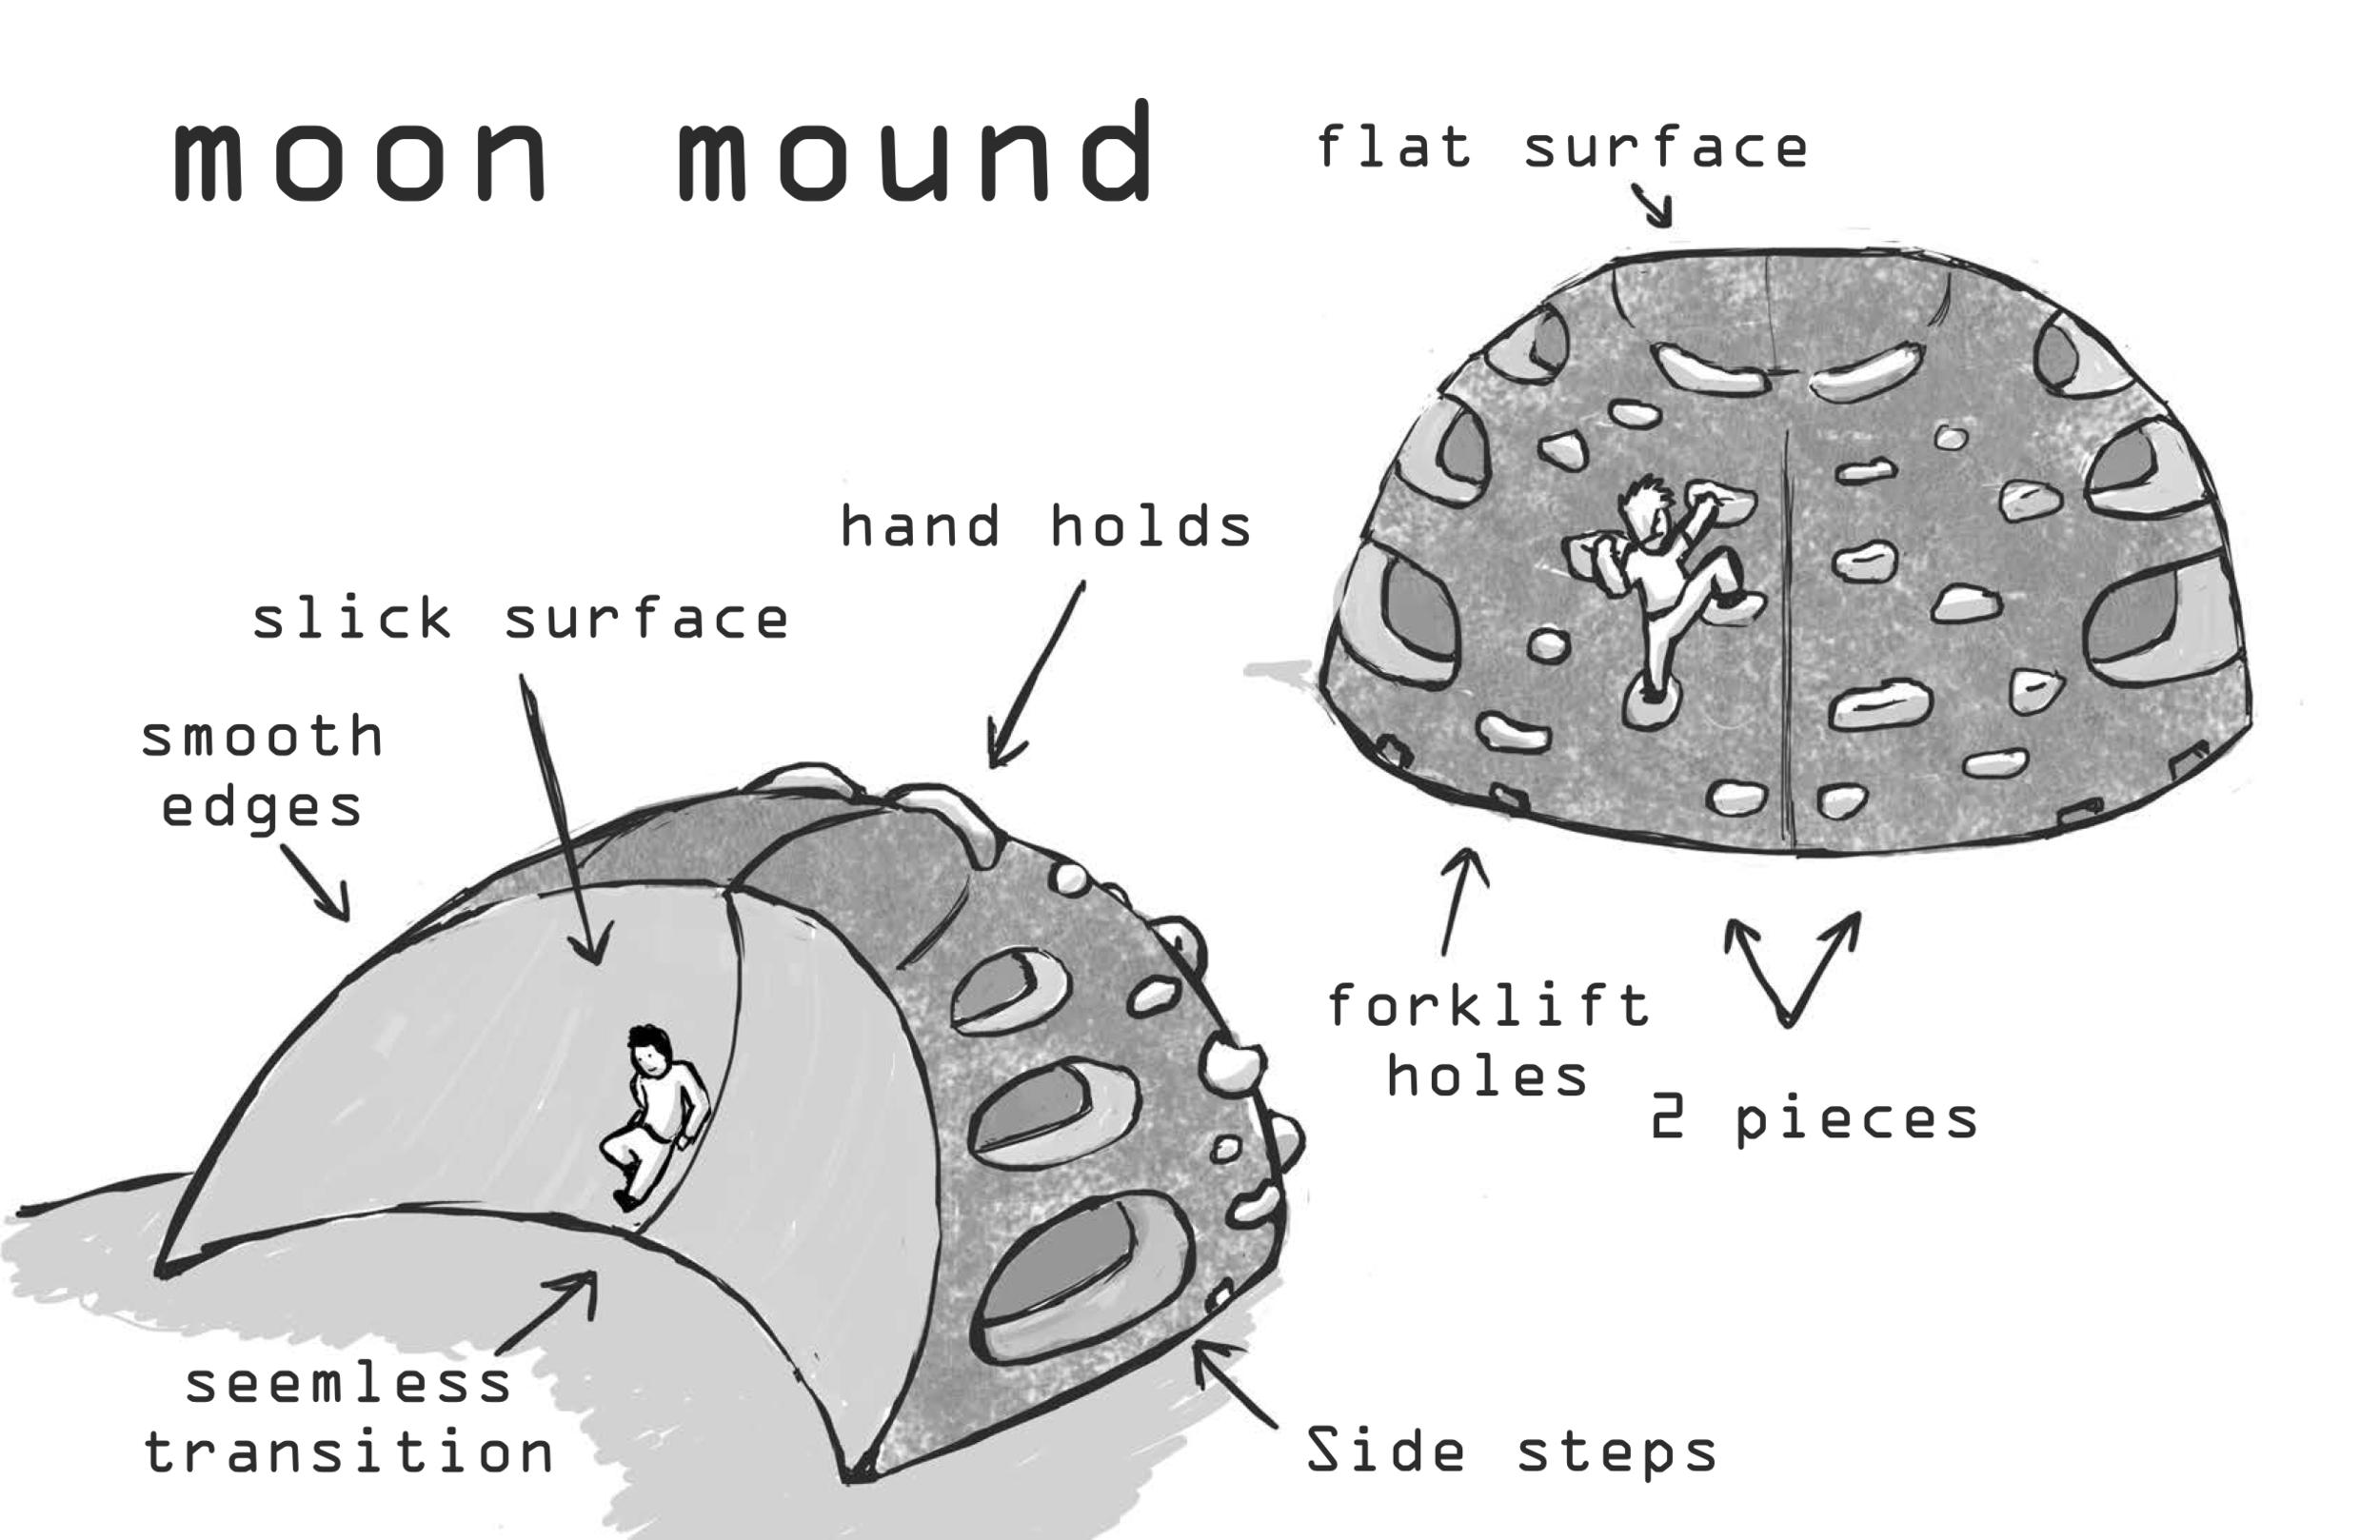 moon mound.png